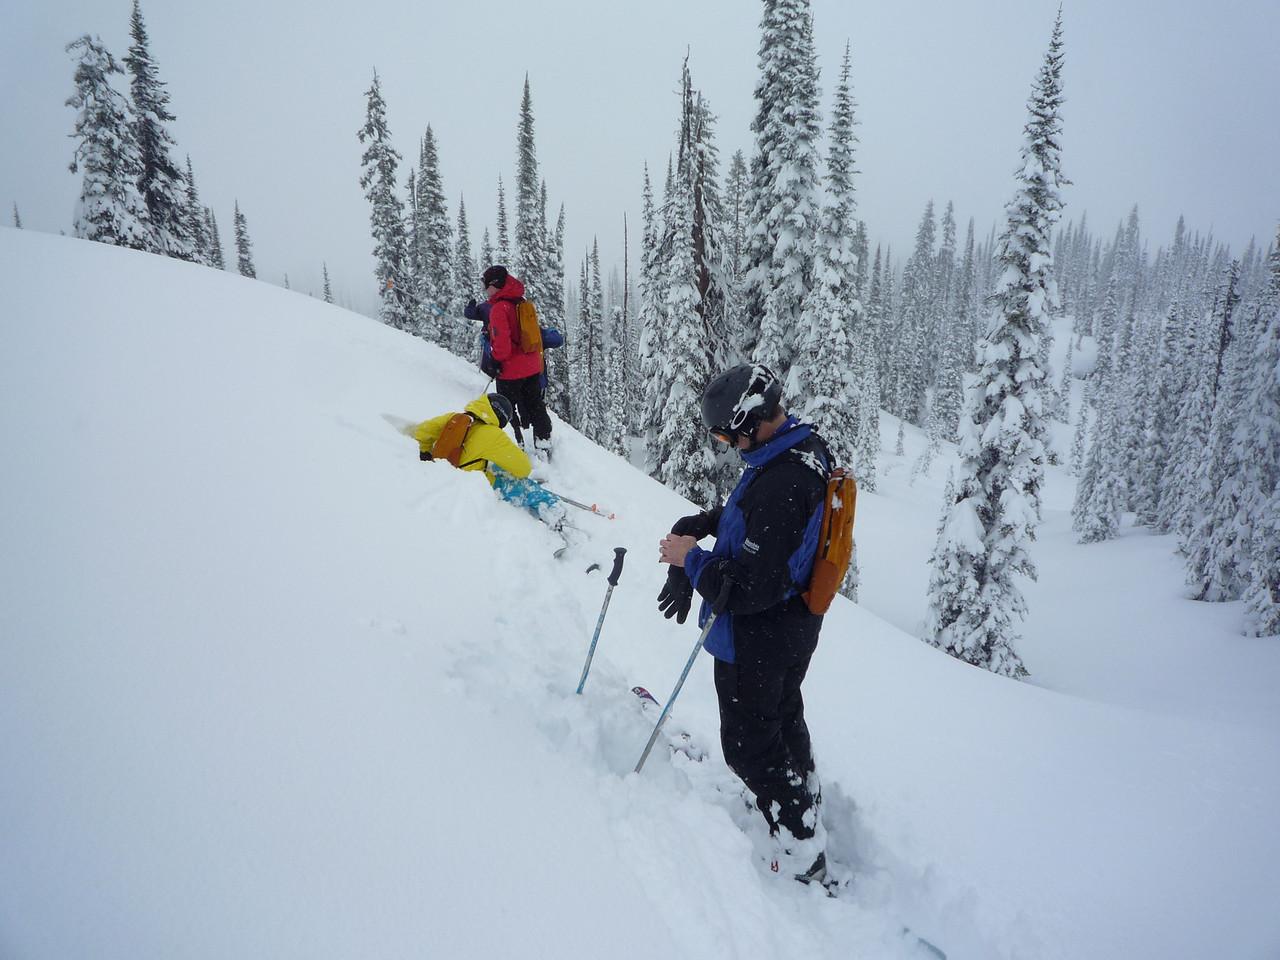 Day 1 of Heli Skiing